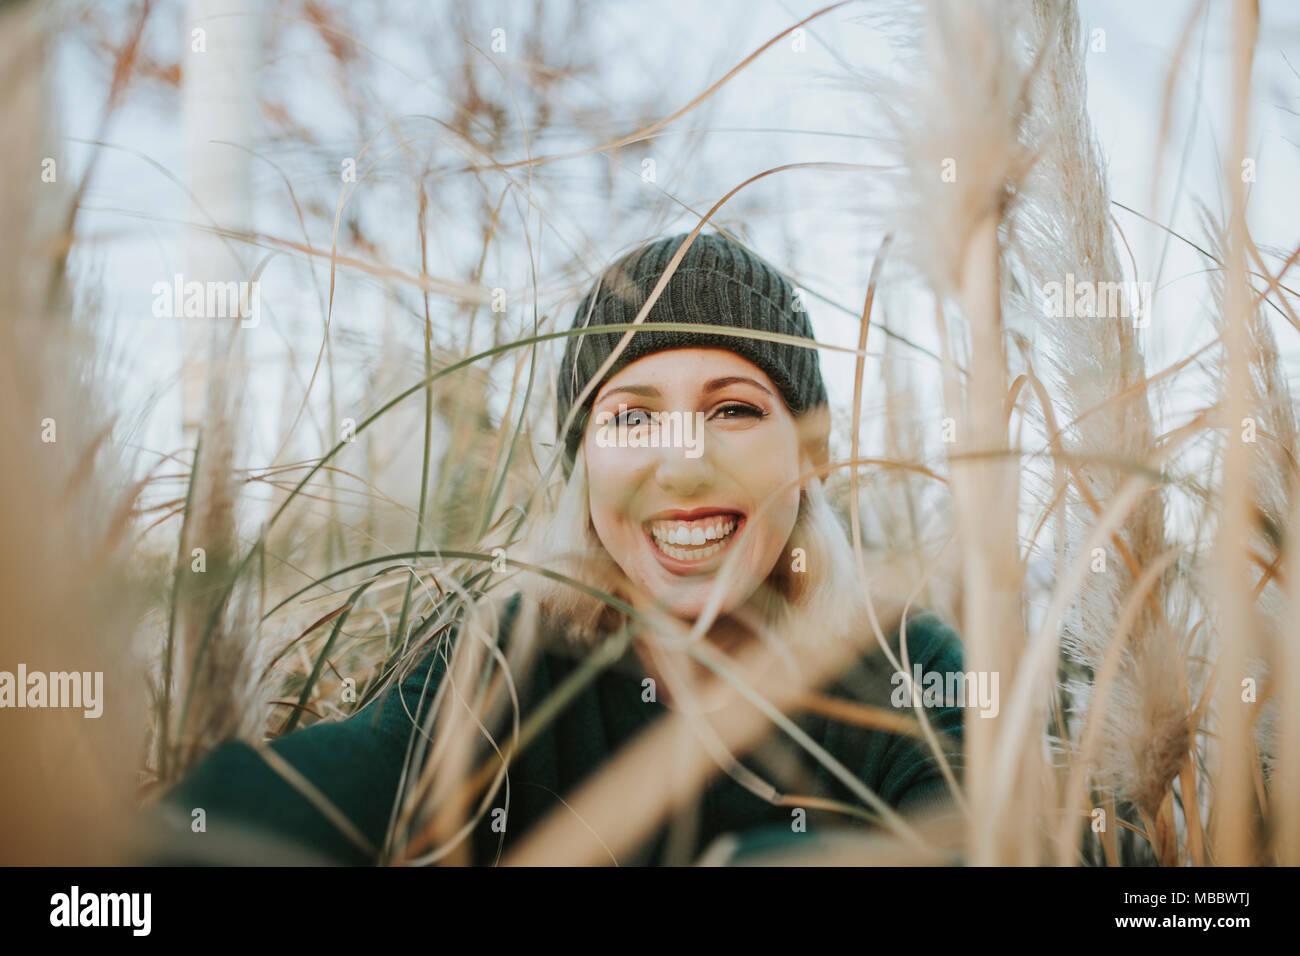 Retrato de mujer rubia feliz con un gorro tejido rodeado de reed plantas en  la naturaleza b7689d0f738